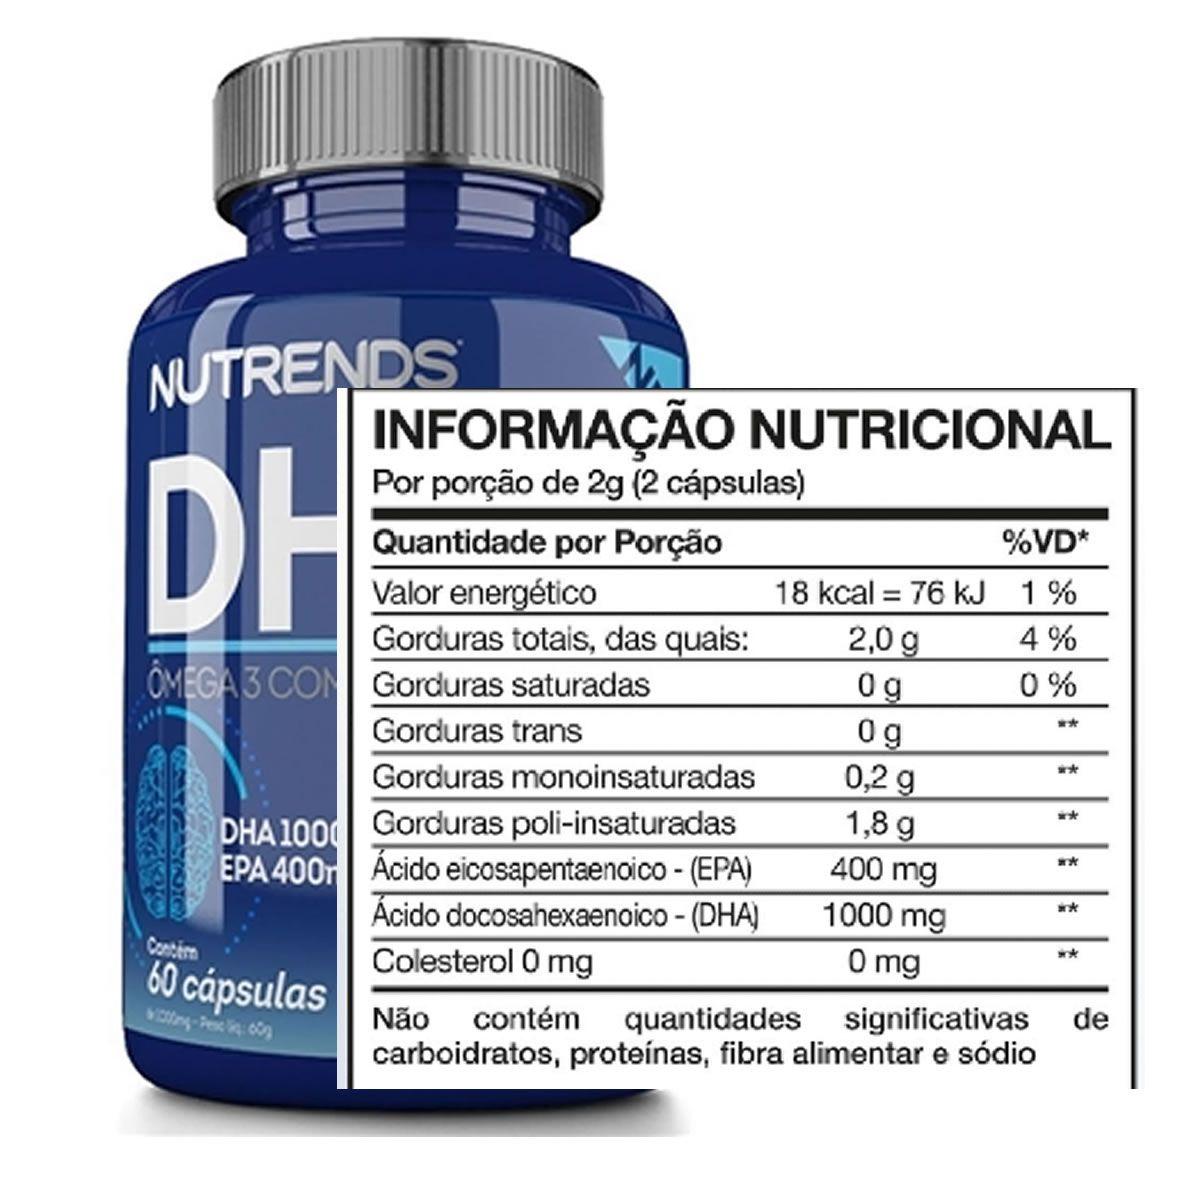 DHA Omega 3 Alta Concentração 60 Cápsulas - Nutrends